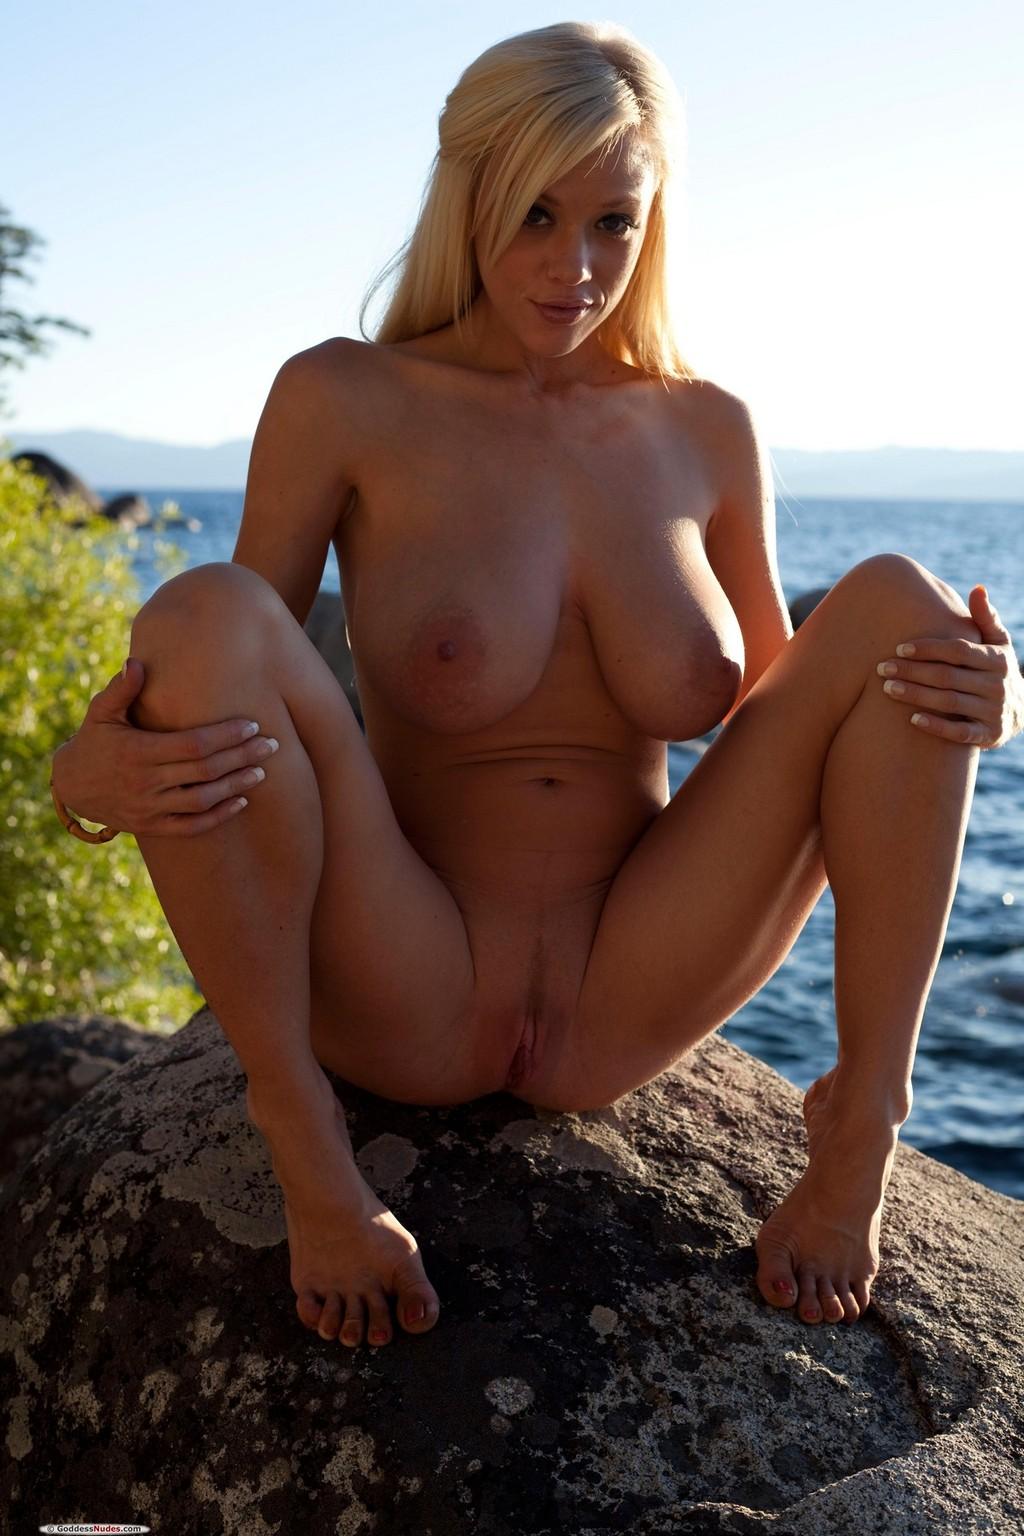 Lauren anderson blowjob nude pics